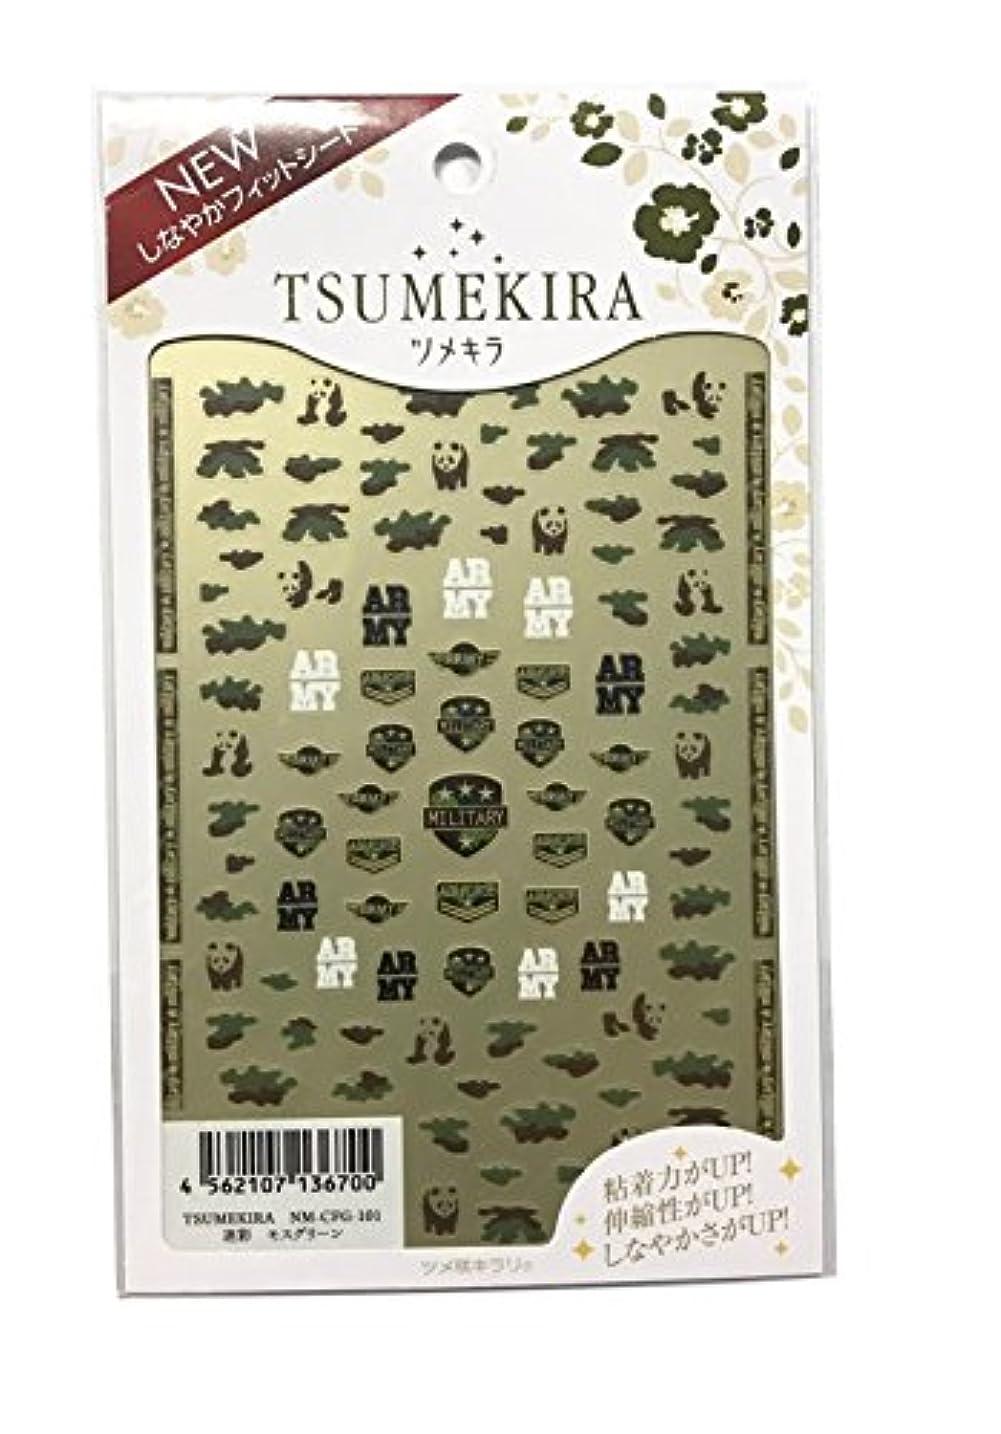 算術艶治世ツメキラ(TSUMEKIRA) ネイル用シール 迷彩 モスグリーン NM-CFG-101